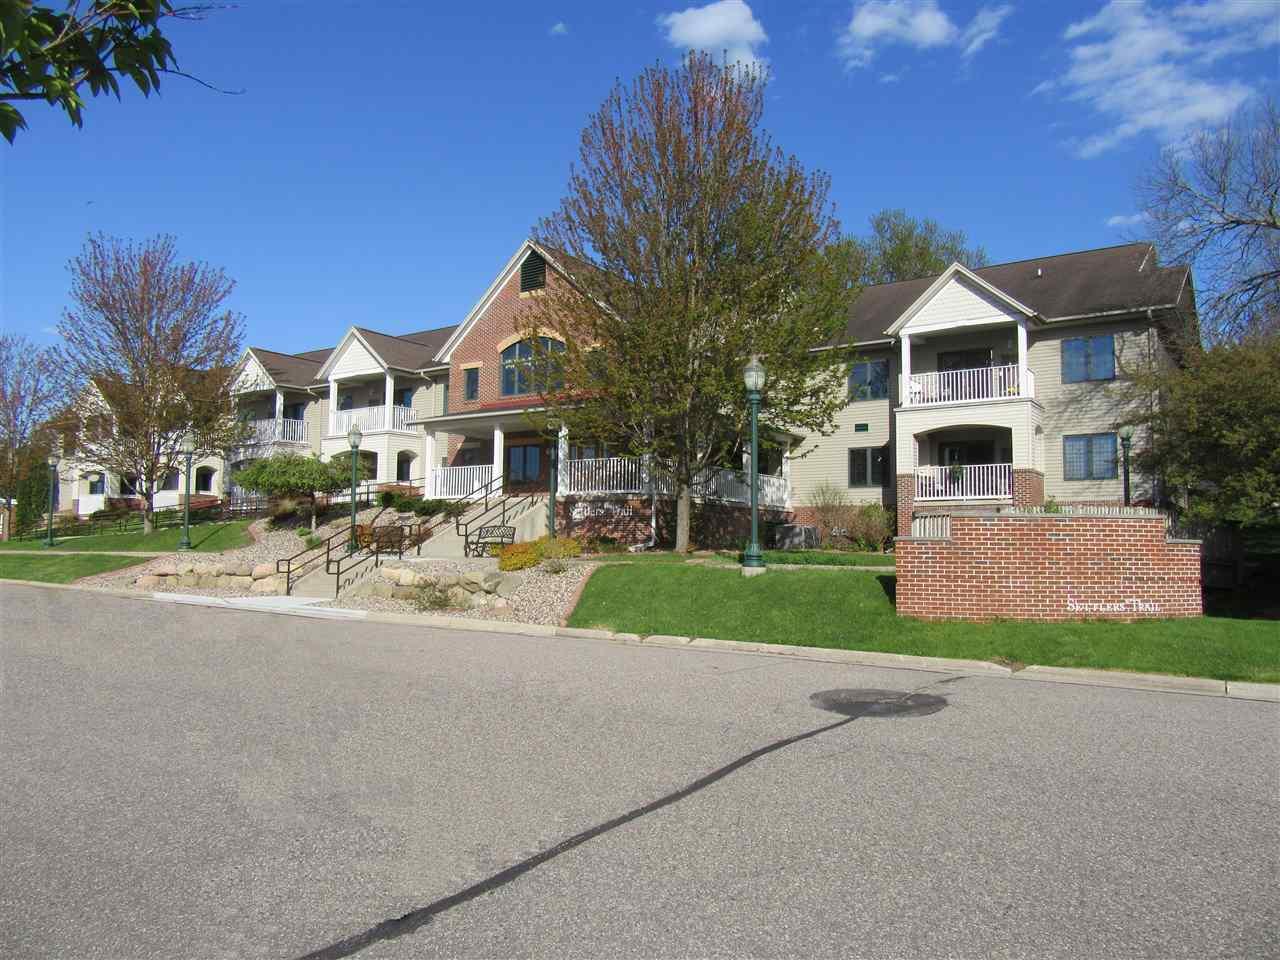 600 Clark St, Lodi, Wisconsin 53555, 1 Bedroom Bedrooms, ,Rental,For Sale,Clark St,1891184